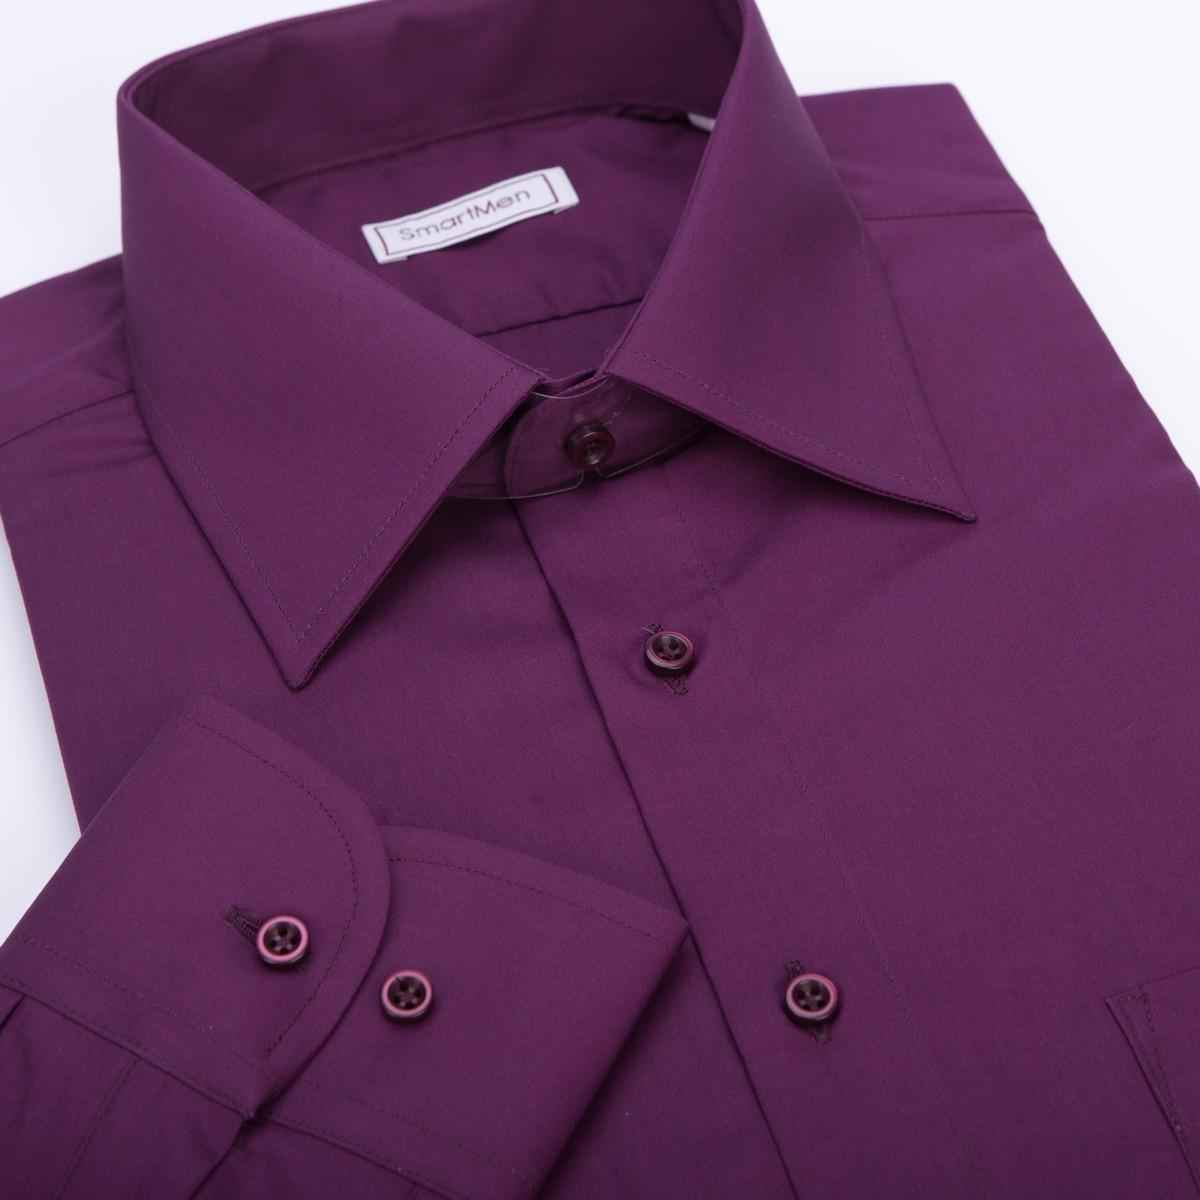 1a6260529107 Semi-formal fialová party košeľa s dlhým rukávom